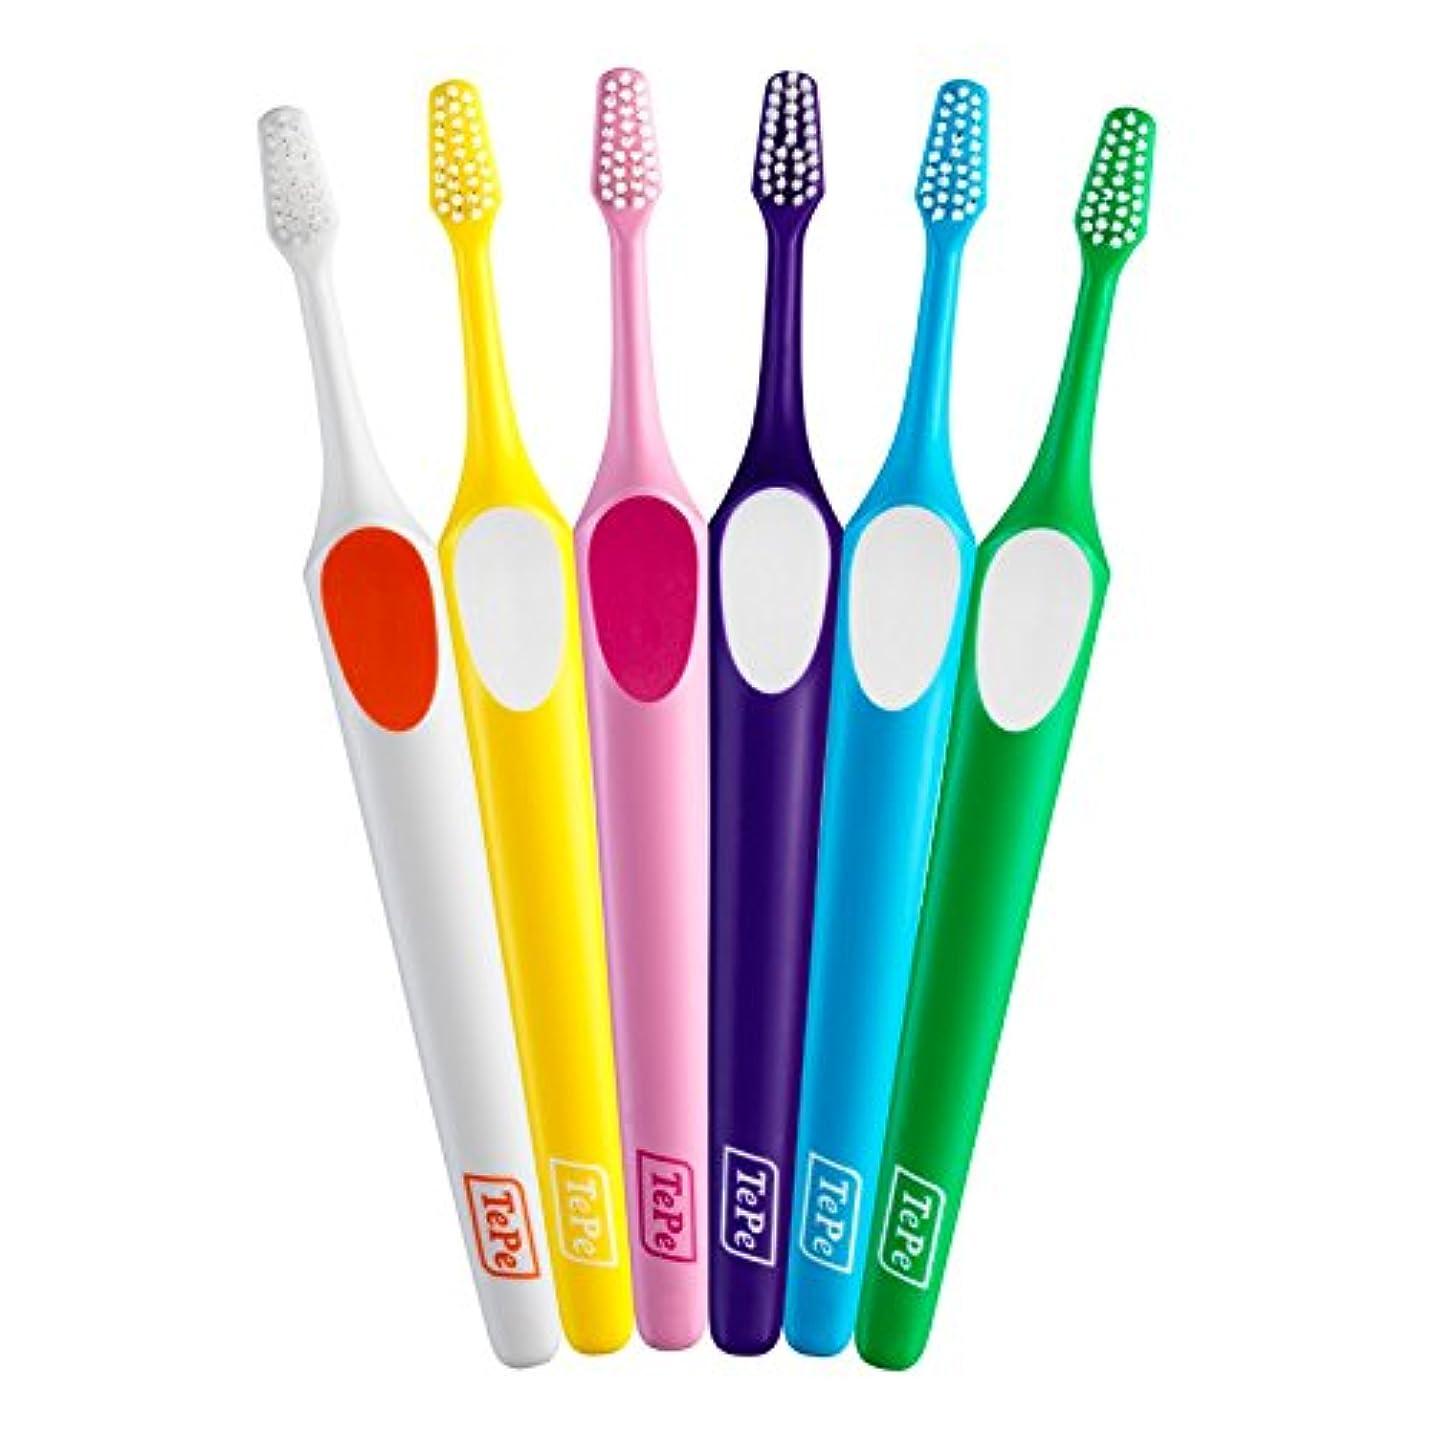 ではごきげんよう特性クマノミテペ(TePe) 歯ブラシ スプリーム コンパクト × 5本